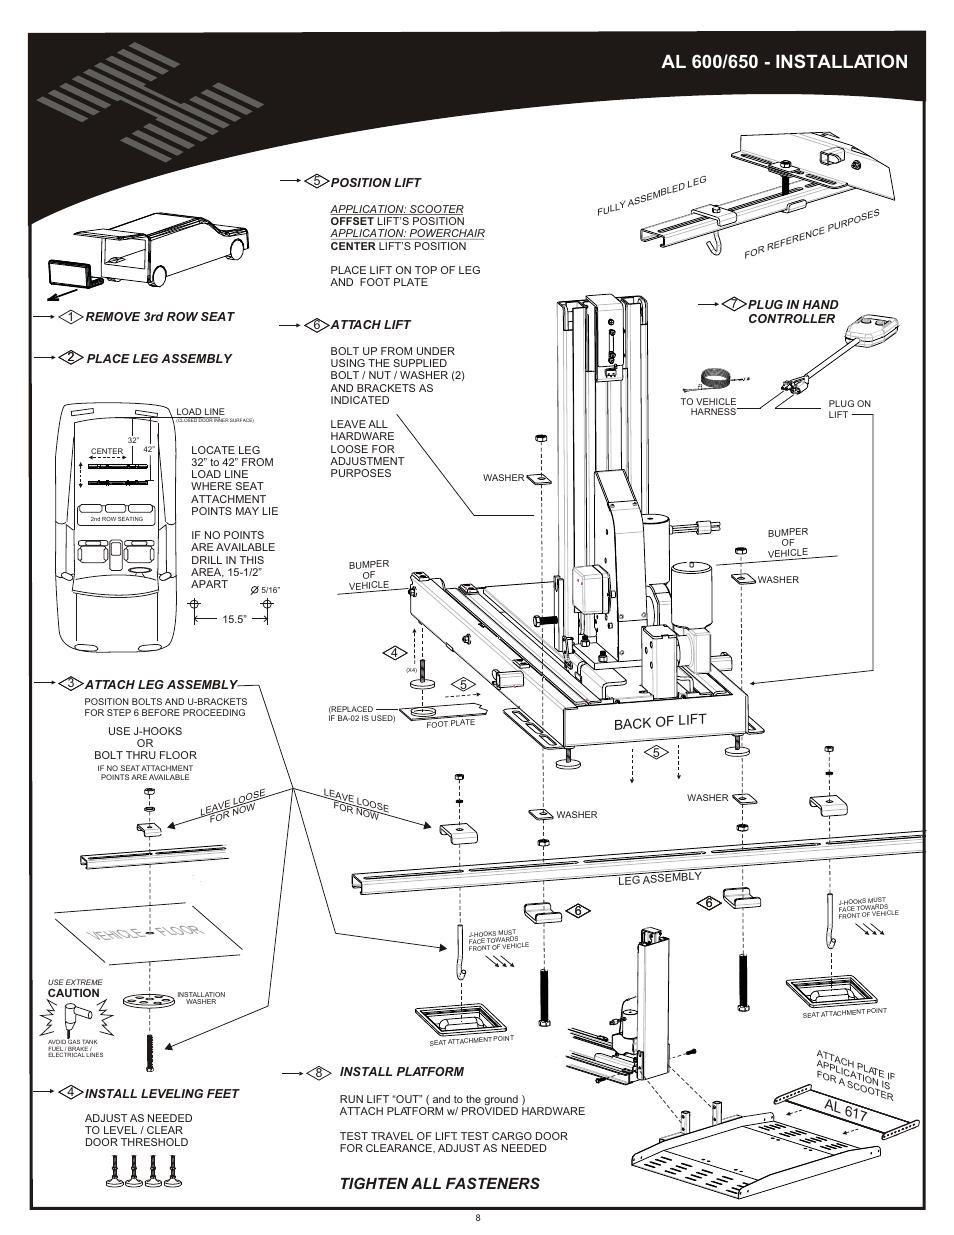 Installation al600/650, Vehicle floor, Tighten all fasteners ... on